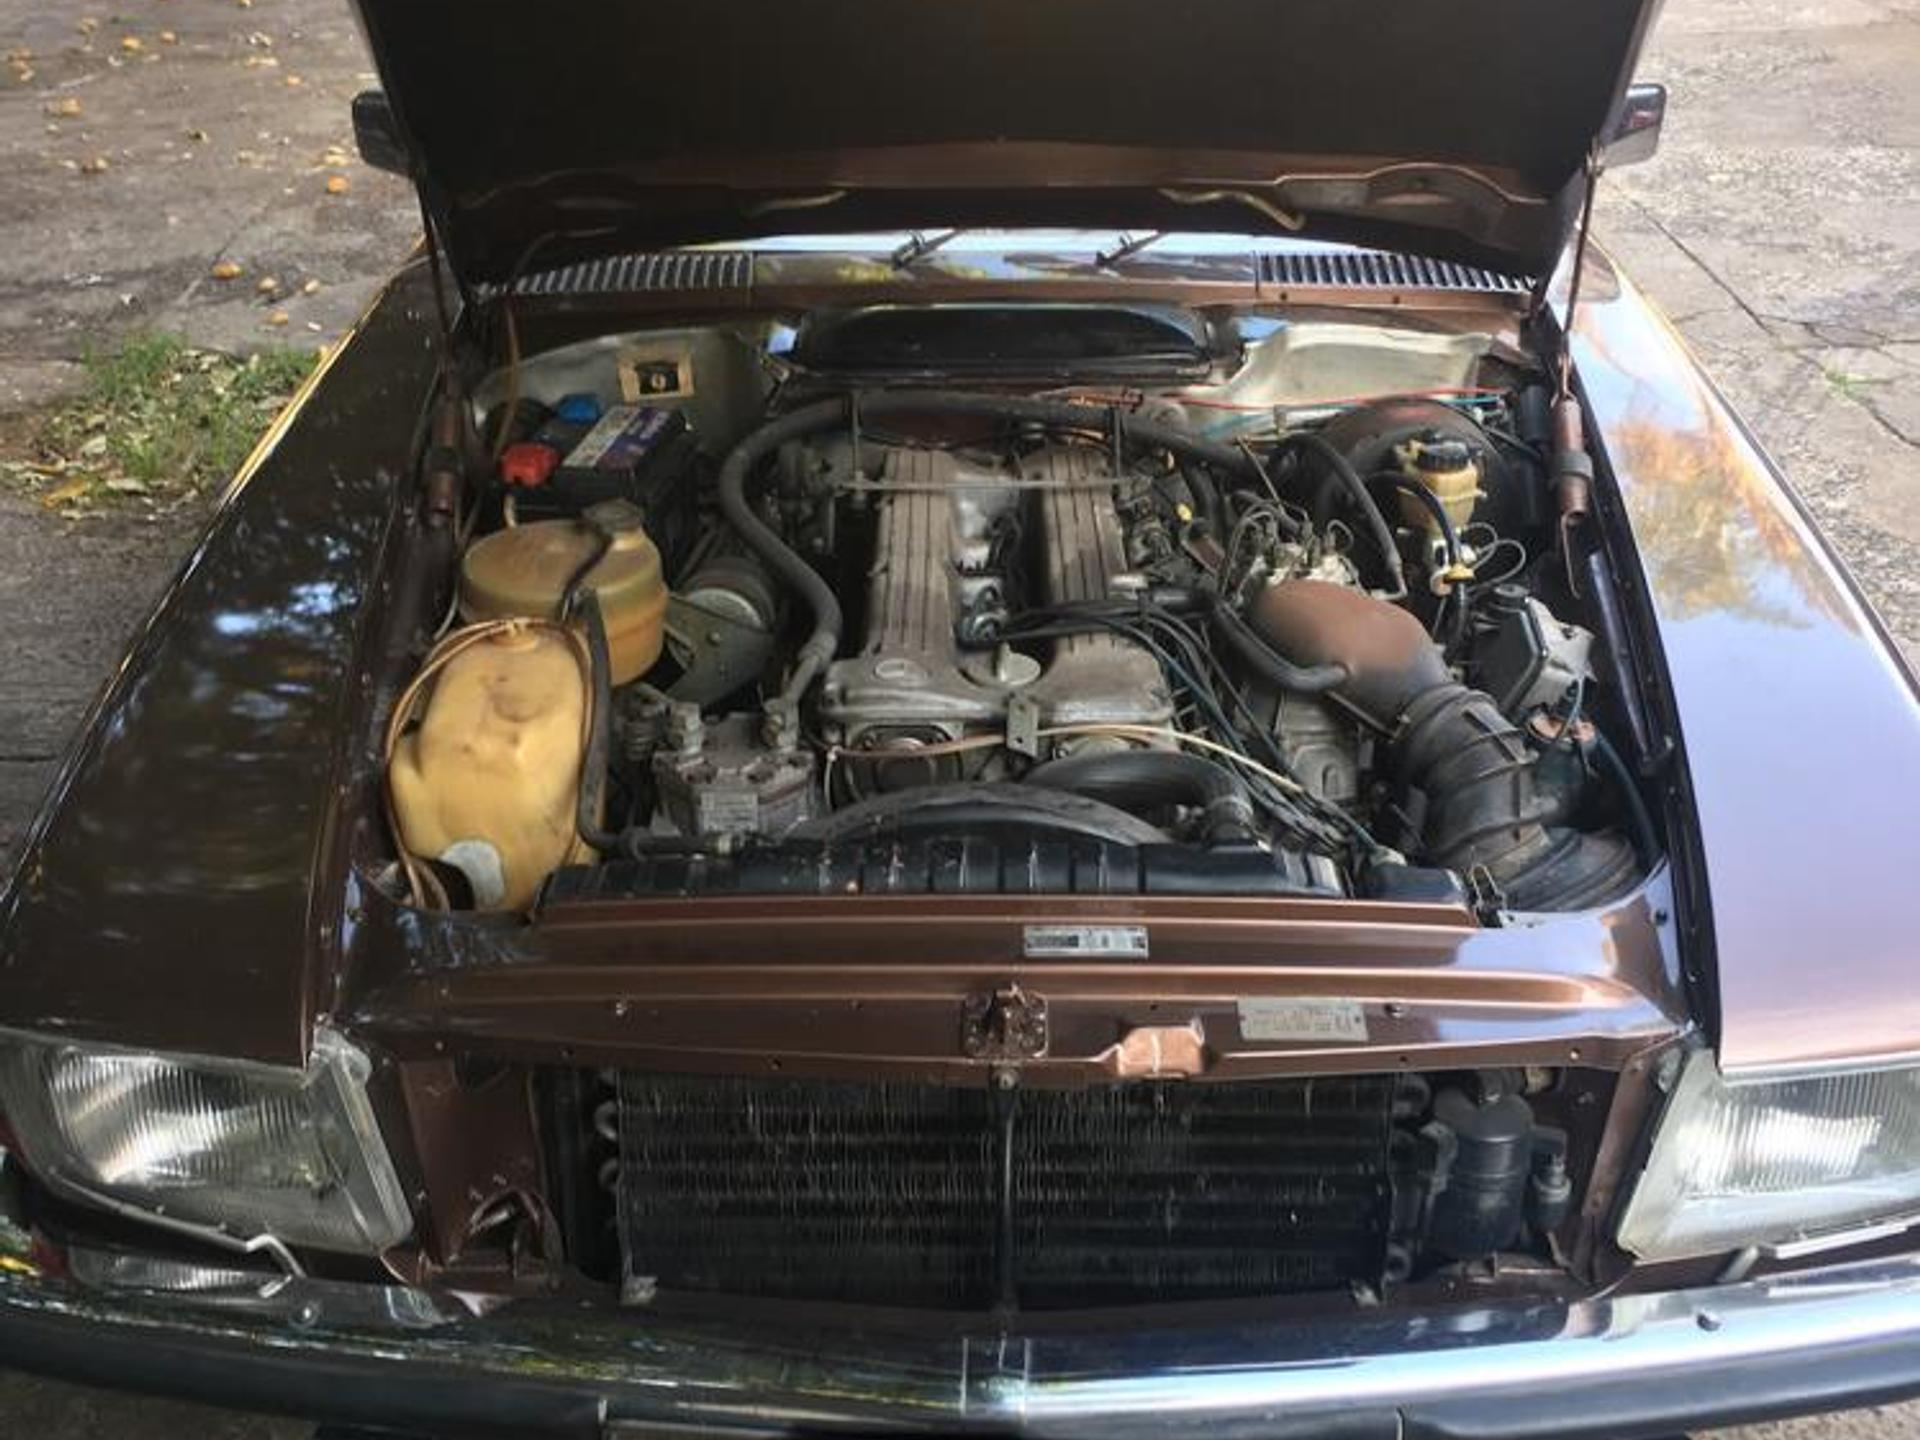 C107 SLC 280 1977 - R$ 100.000,00 Mercedesbenz-280-slc-2.8-i6-12v-gasolina-2p-automatico-wmimagem11160861476